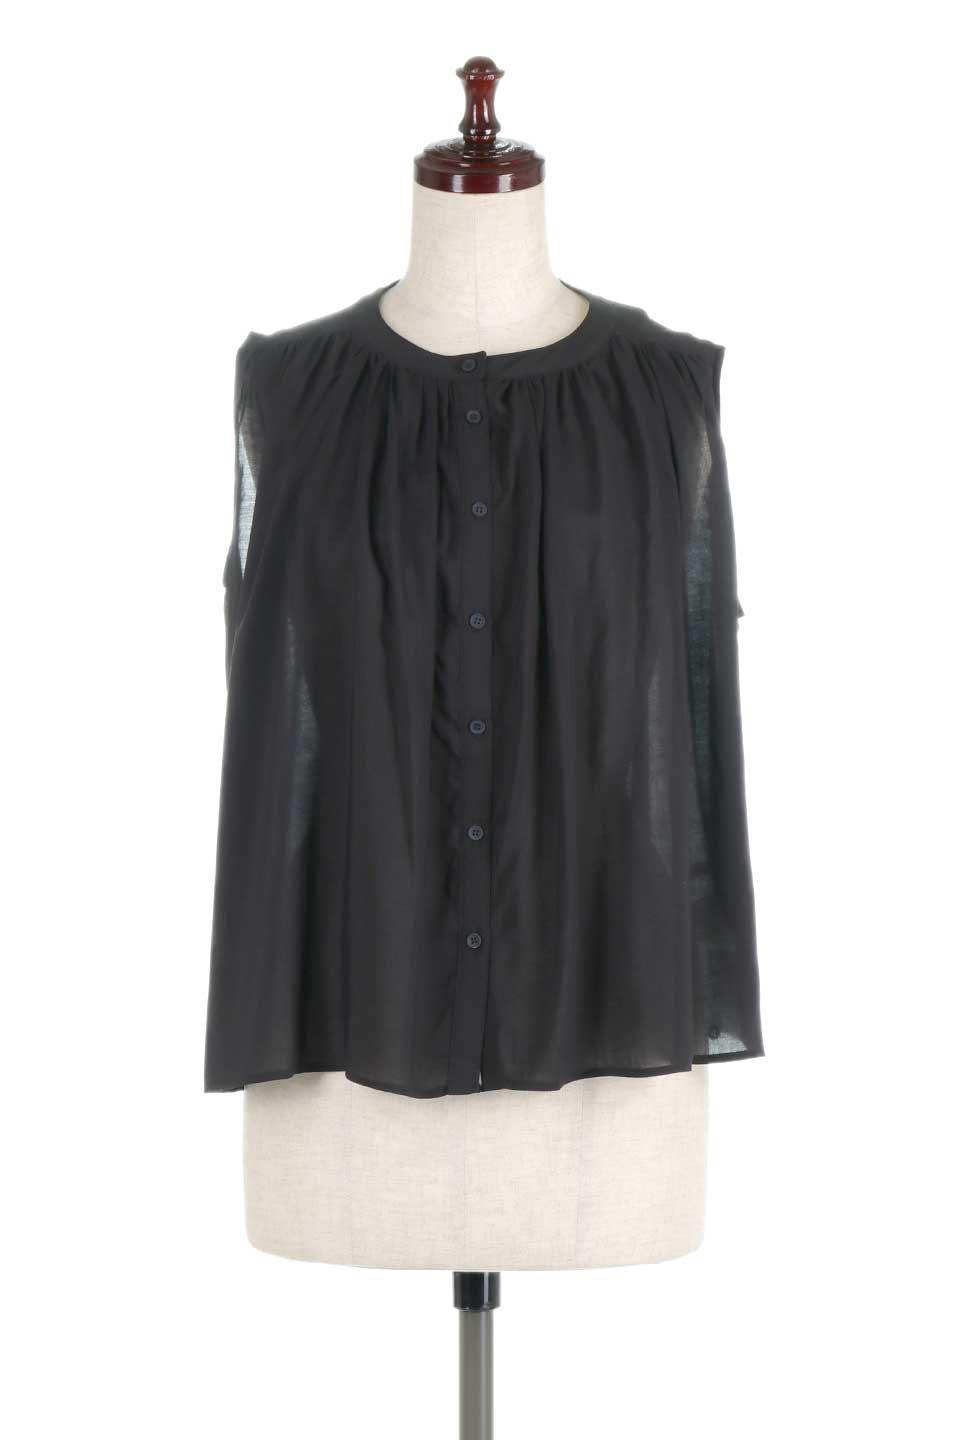 SleevelessGatheredBlouseノースリーブ・ギャザーブラウス大人カジュアルに最適な海外ファッションのothers(その他インポートアイテム)のトップスやシャツ・ブラウス。前後のギャザーのドレープ感がカワイイ、ノースリーブブラウス。夏に最適な薄手の素材でたっぷりとしたボリューム感のあるブラウスです。/main-10